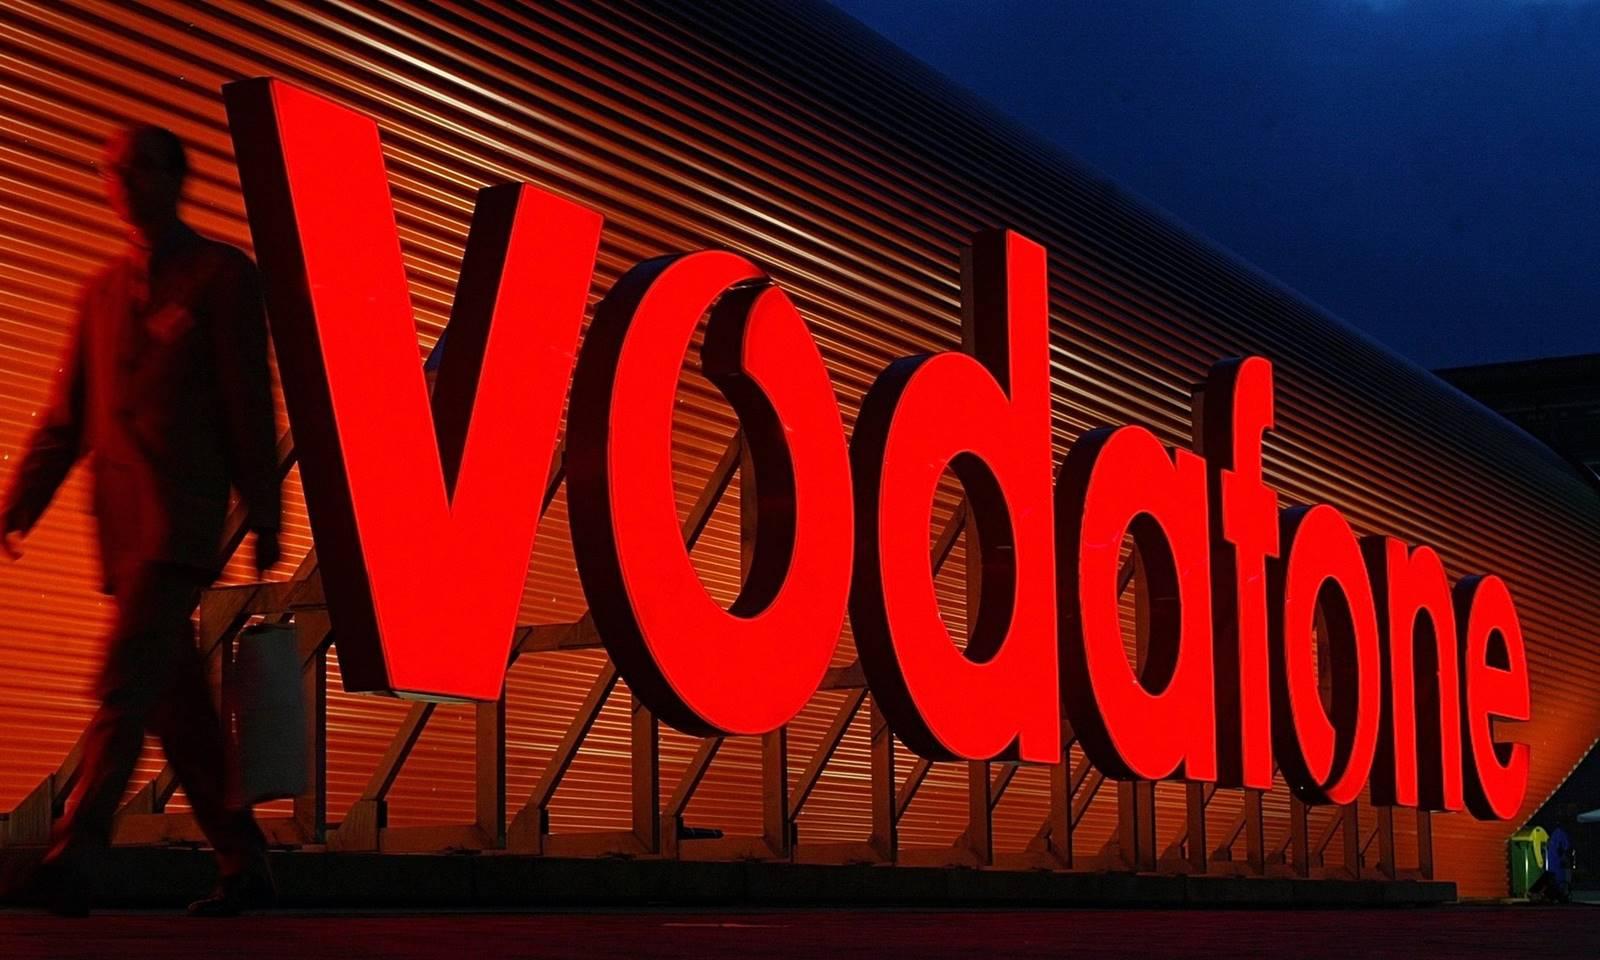 Vodafone - Cele mai BUNE BREAKING DEALS pentru Telefoane Mobile in Romania